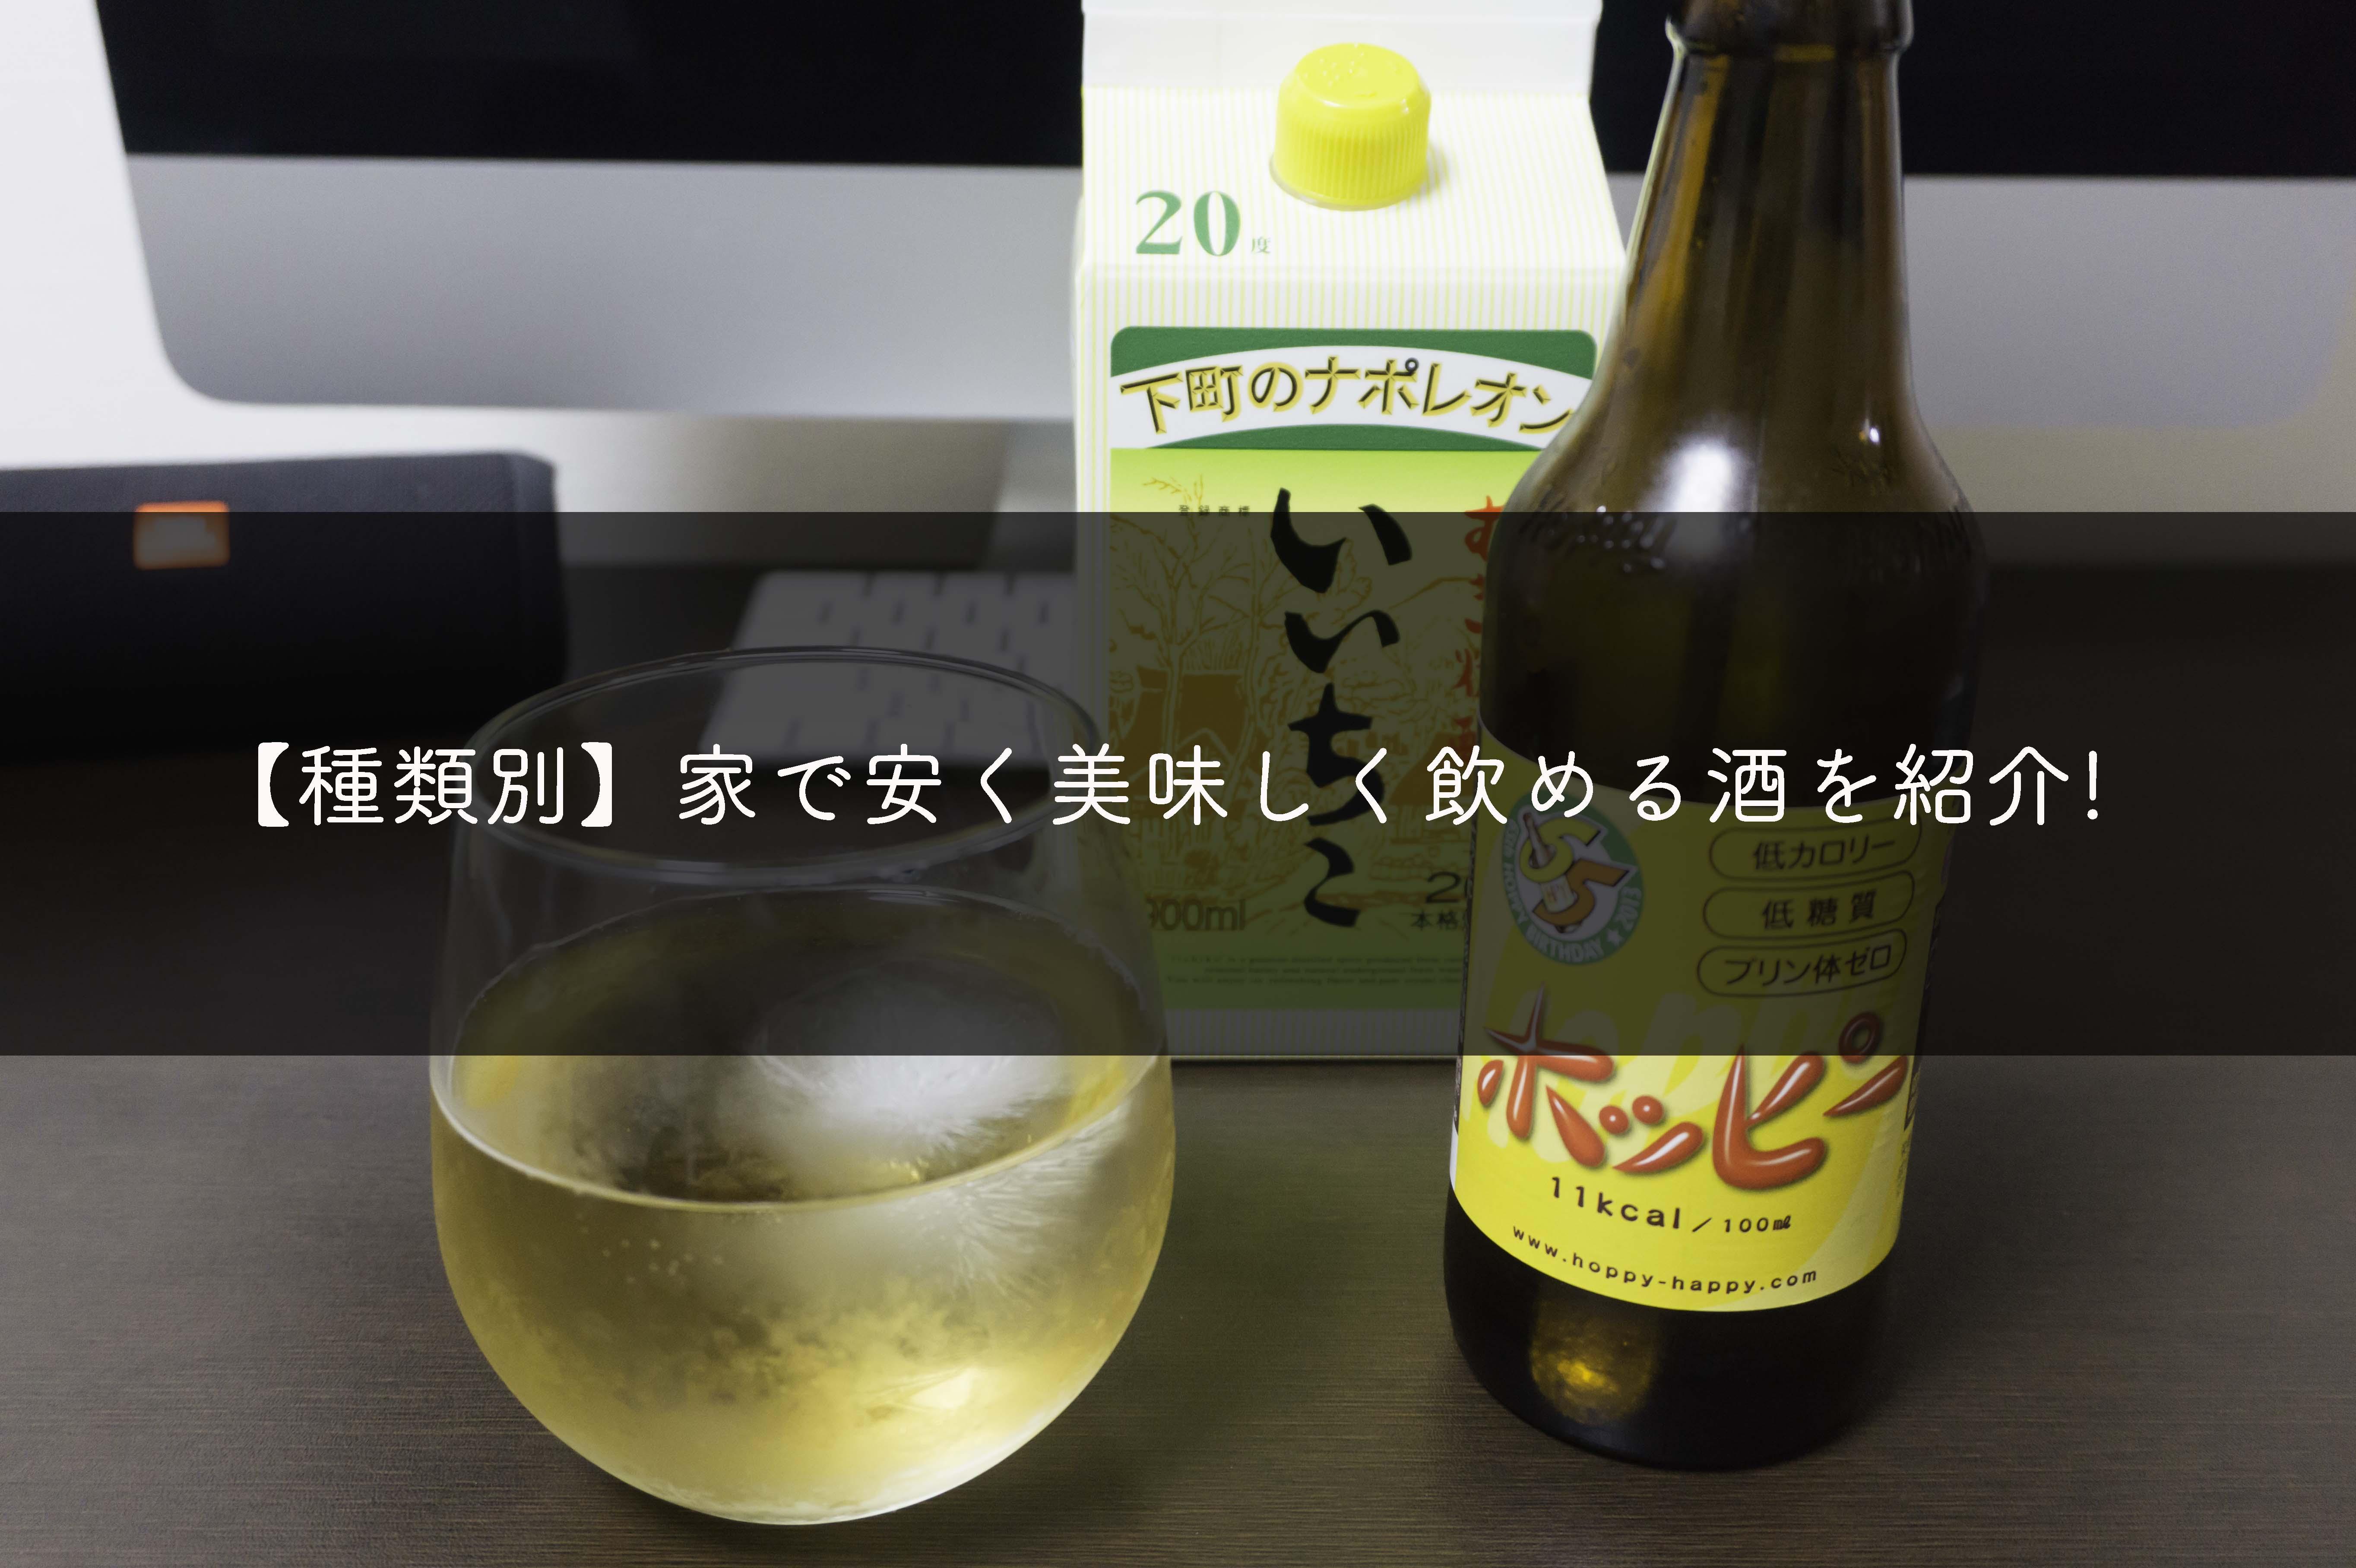 家で安く美味しく飲める酒を考える